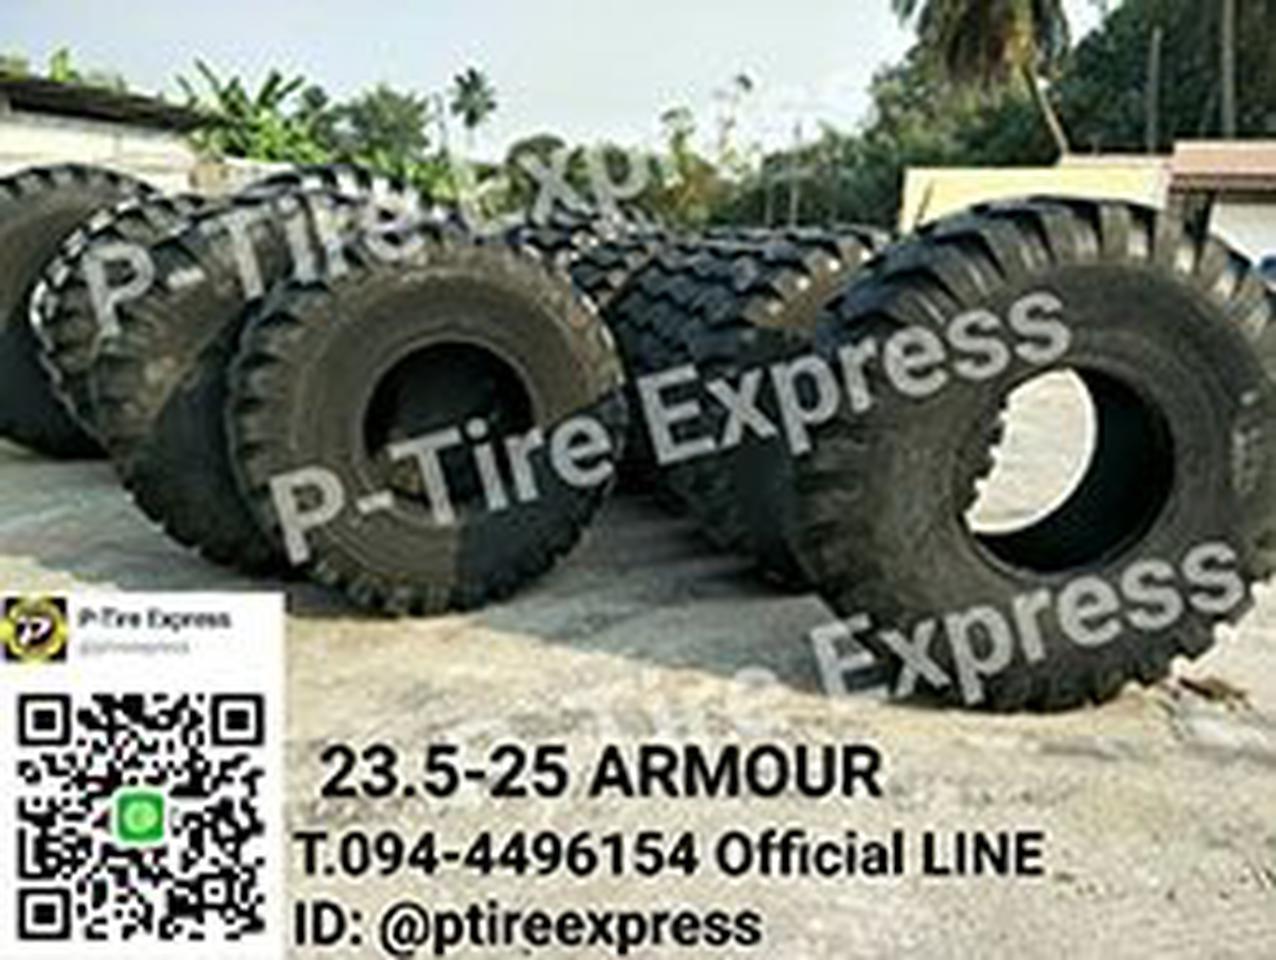 ยางรถตักขนาด  23.5-25  ARMOUR  สามารถติดต่อสอบถามรายละเอียดเ รูปที่ 1